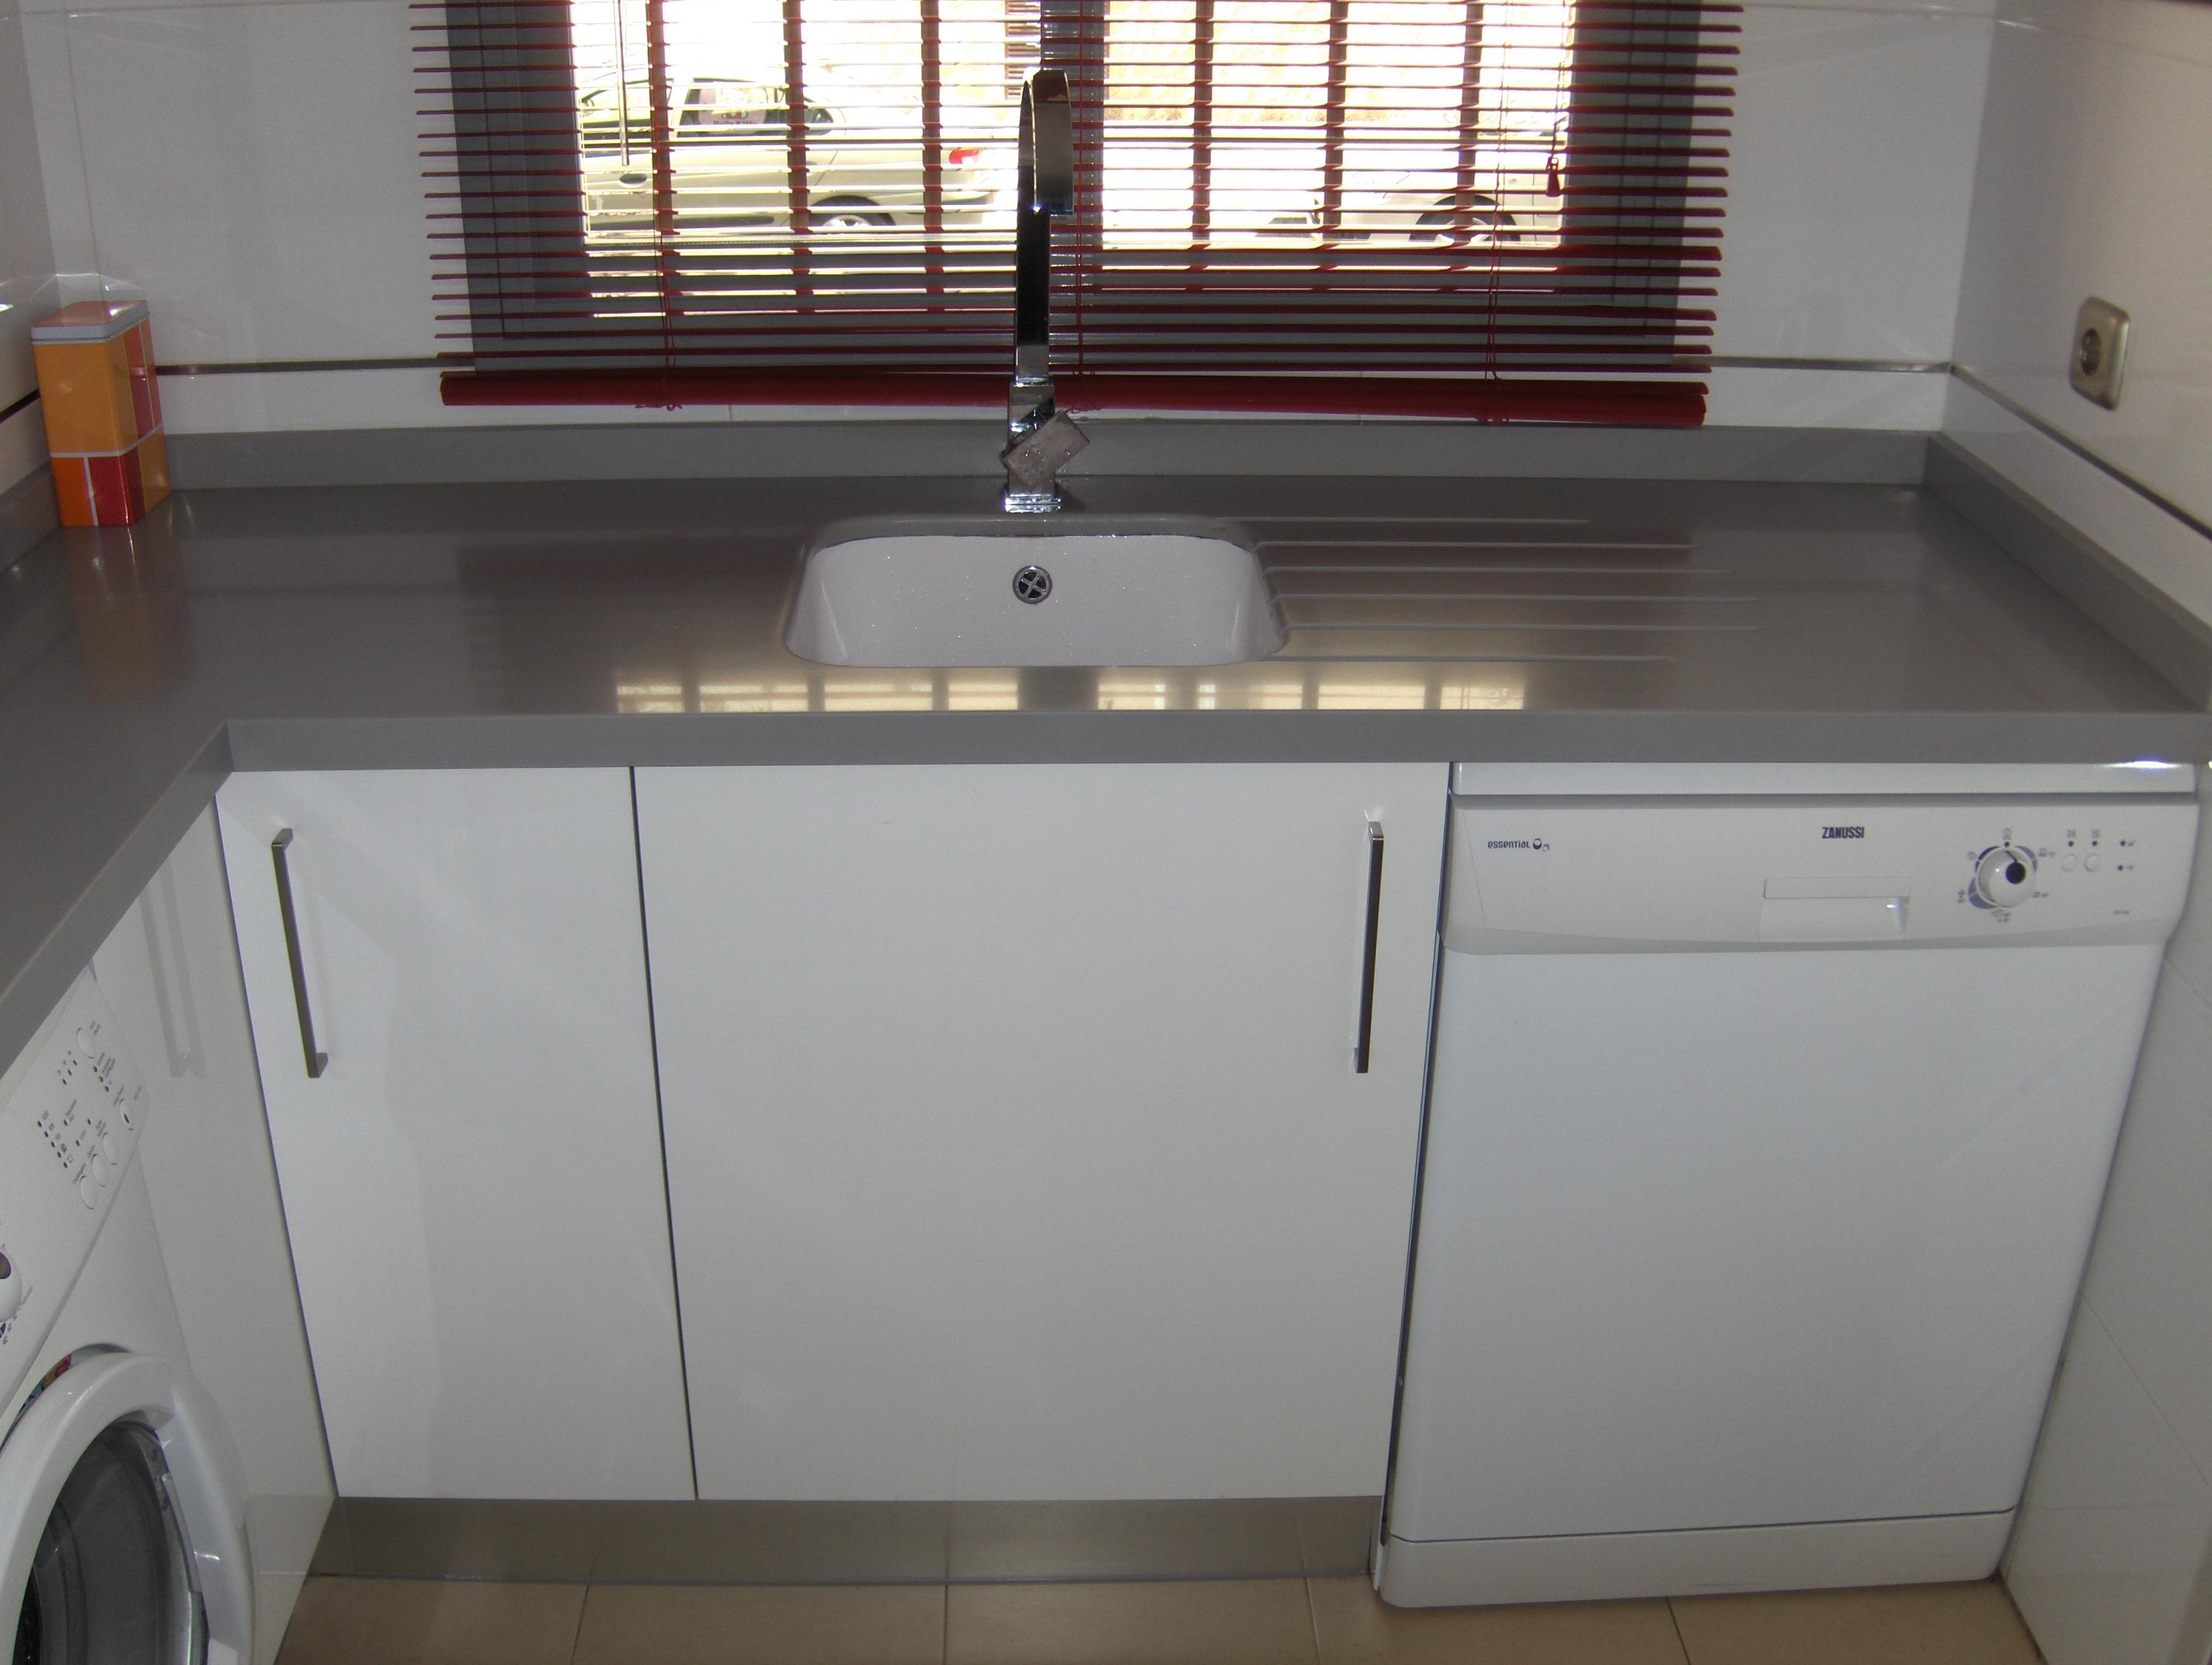 Cocinas seleccion sevilla blanca con encimera gris 8